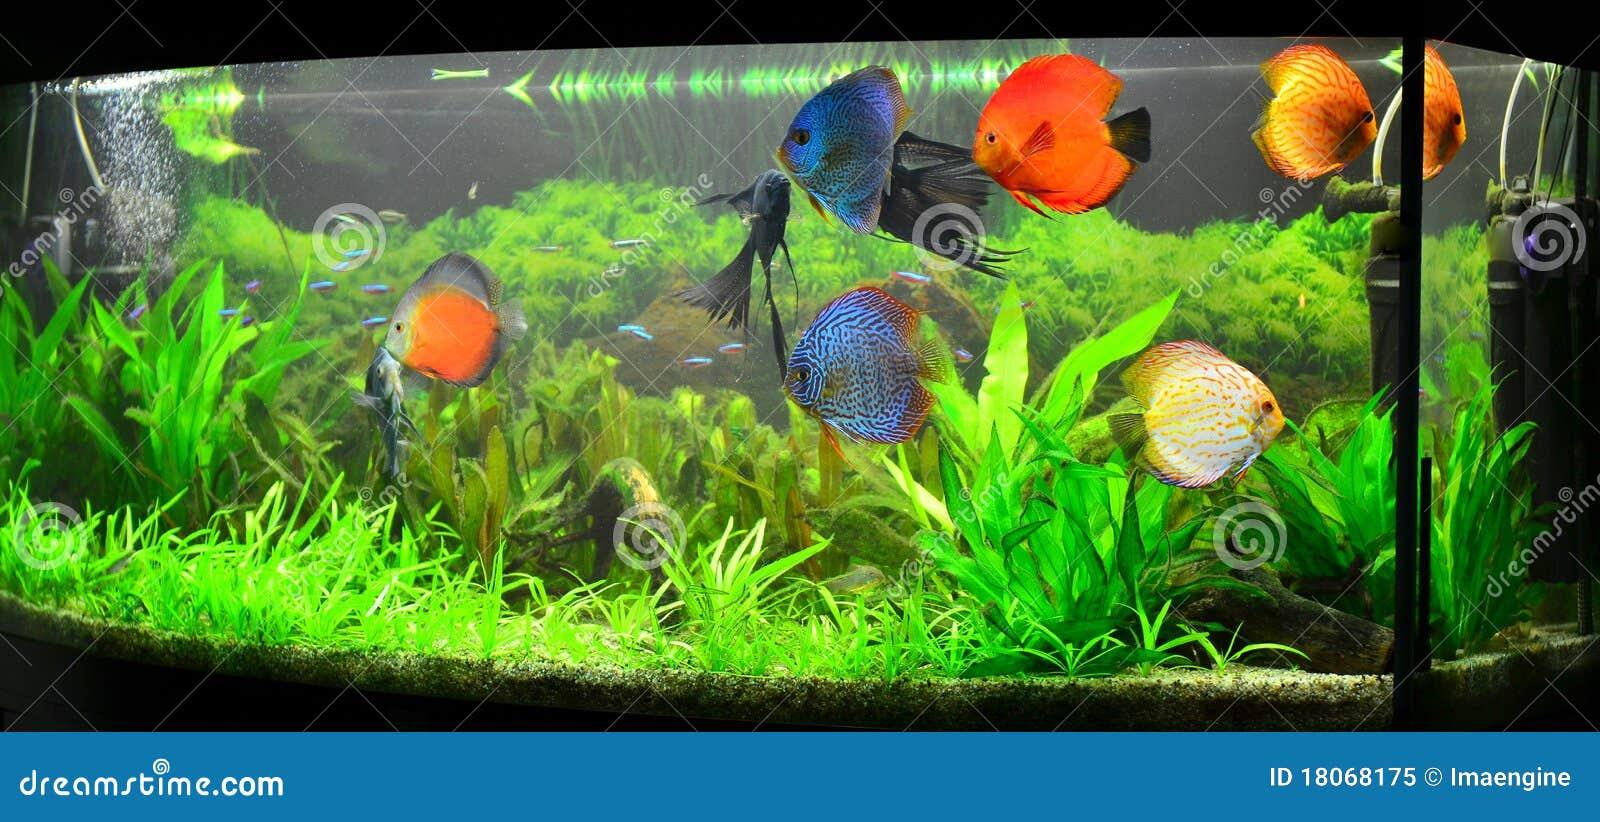 Aquarium la maison avec des poissons et des centrales de for Aquarium a la maison pdf